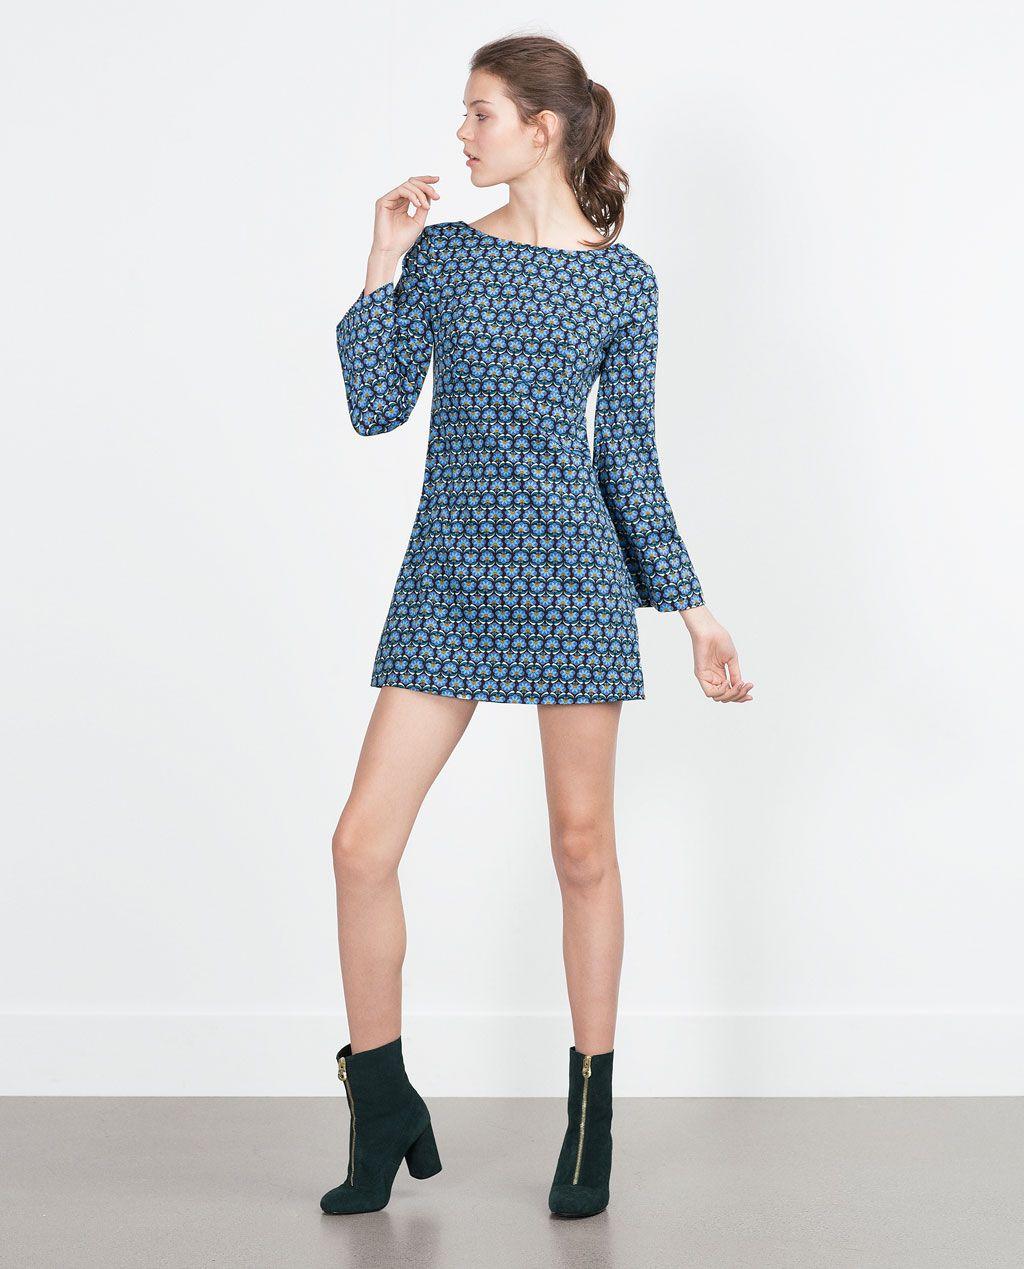 ZARA - KOBIETA - WZORZYSTA SUKIENKA RETRO   Dresses   Pinterest ...